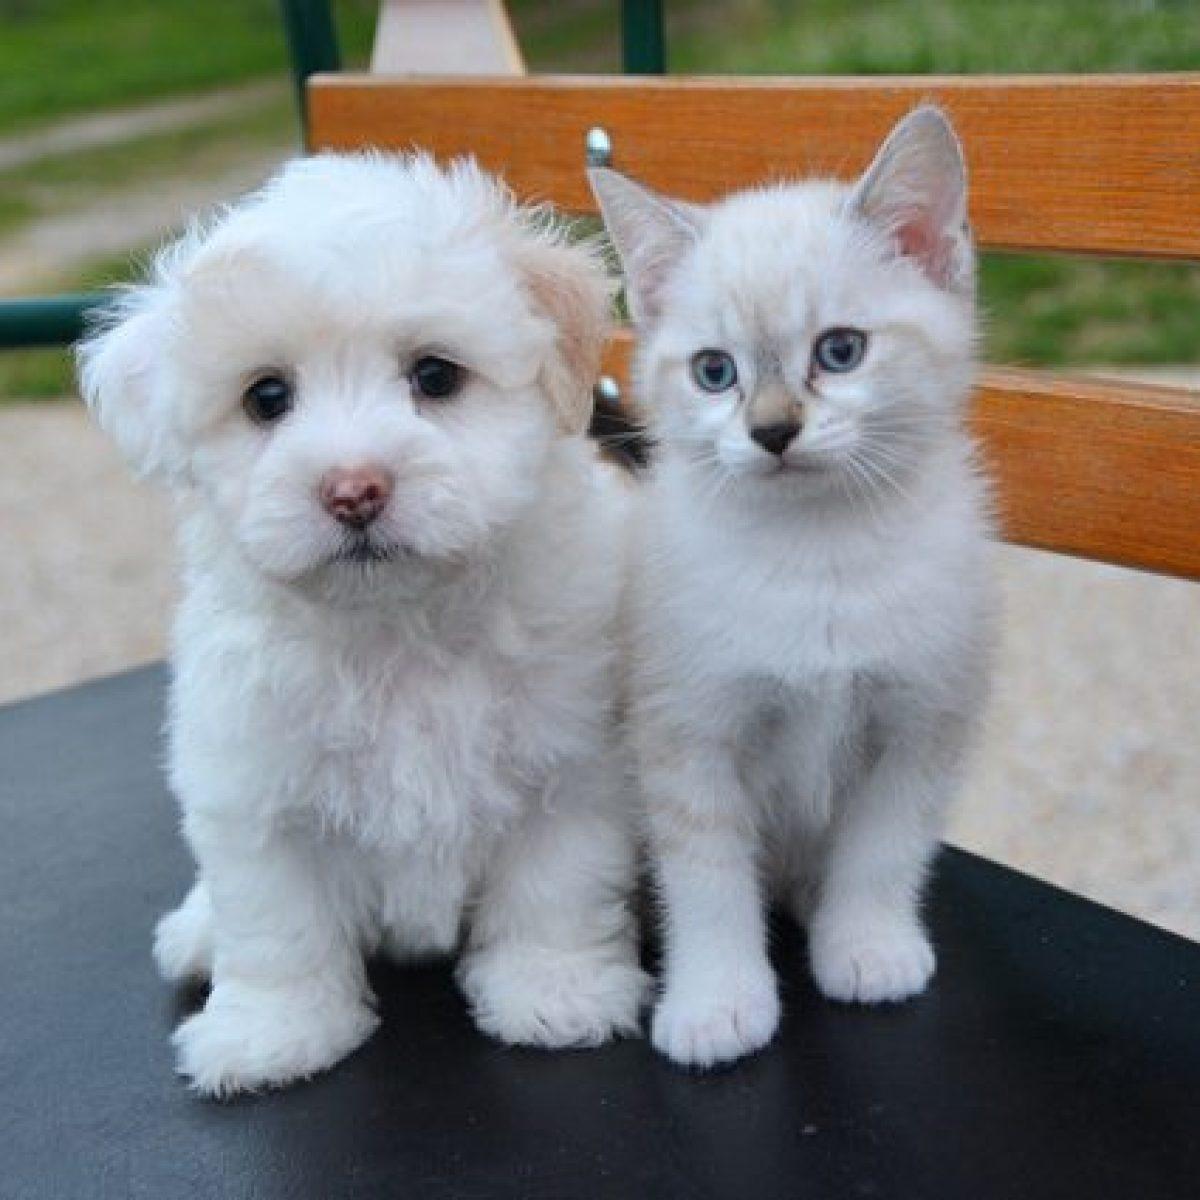 Stop A Vendita Di Cuccioli Di Cani E Gatti Nei Negozi Britannici